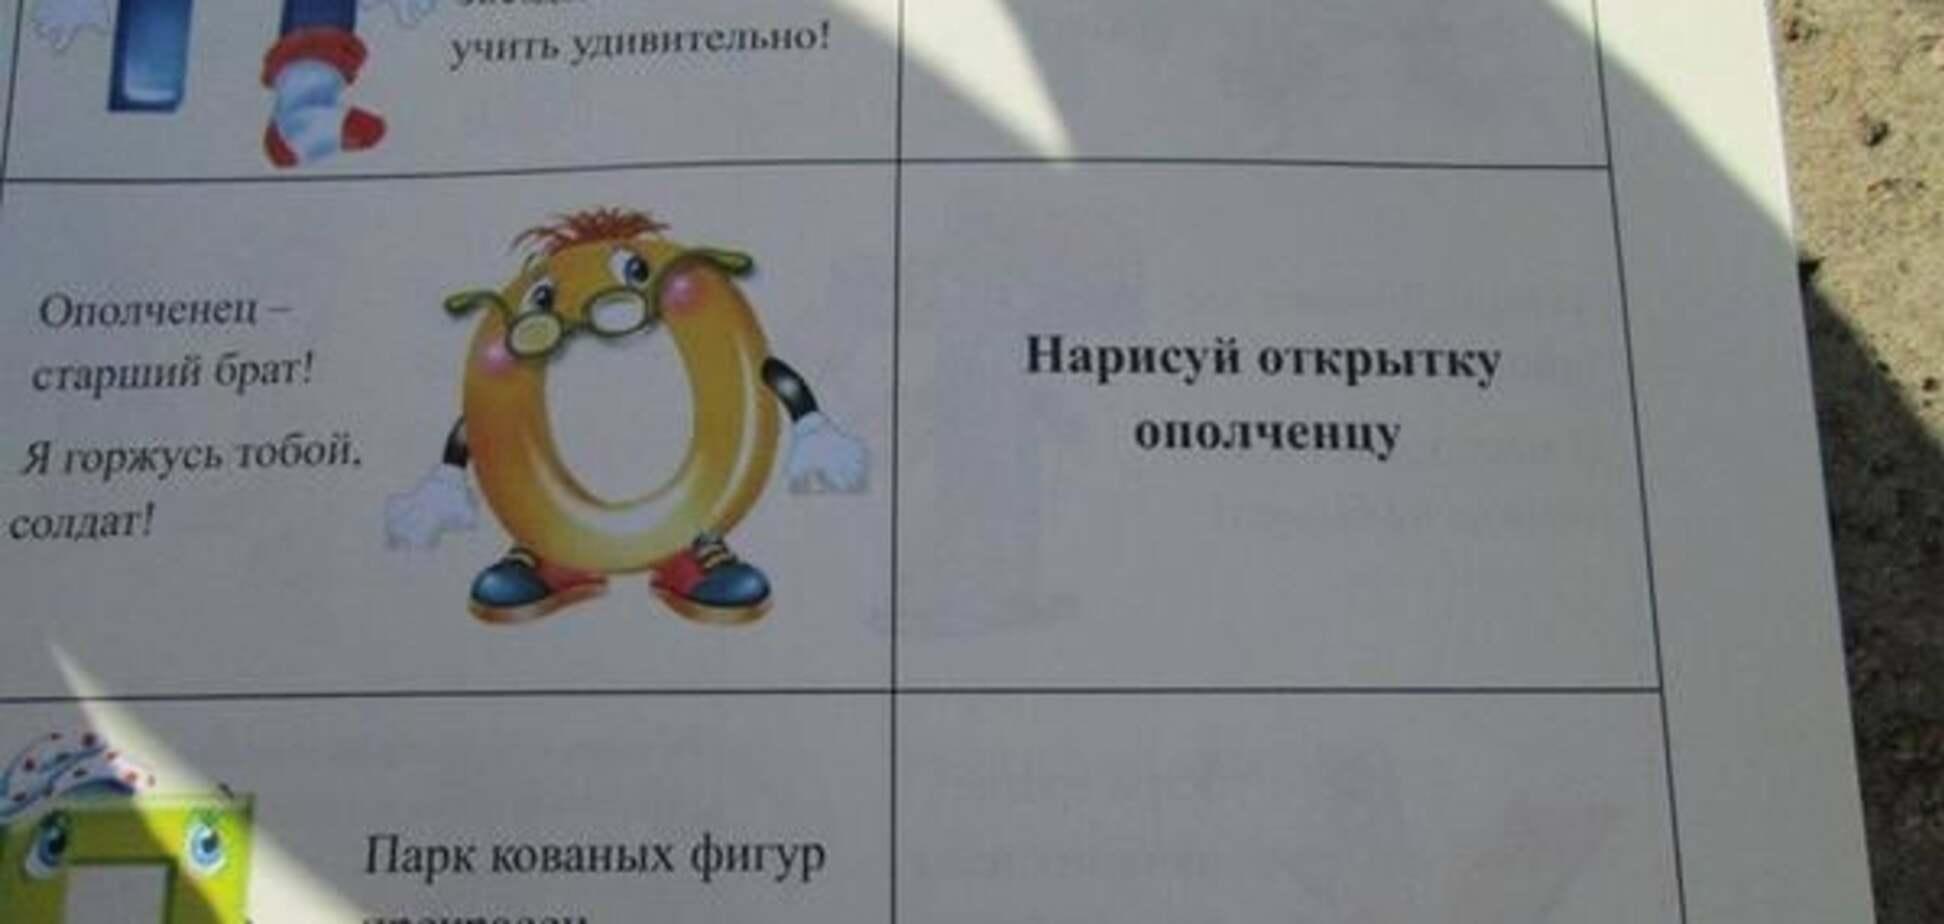 В Киеве школьникам раздали учебники без Крыма, а в Донецке – 'террористические' буквари